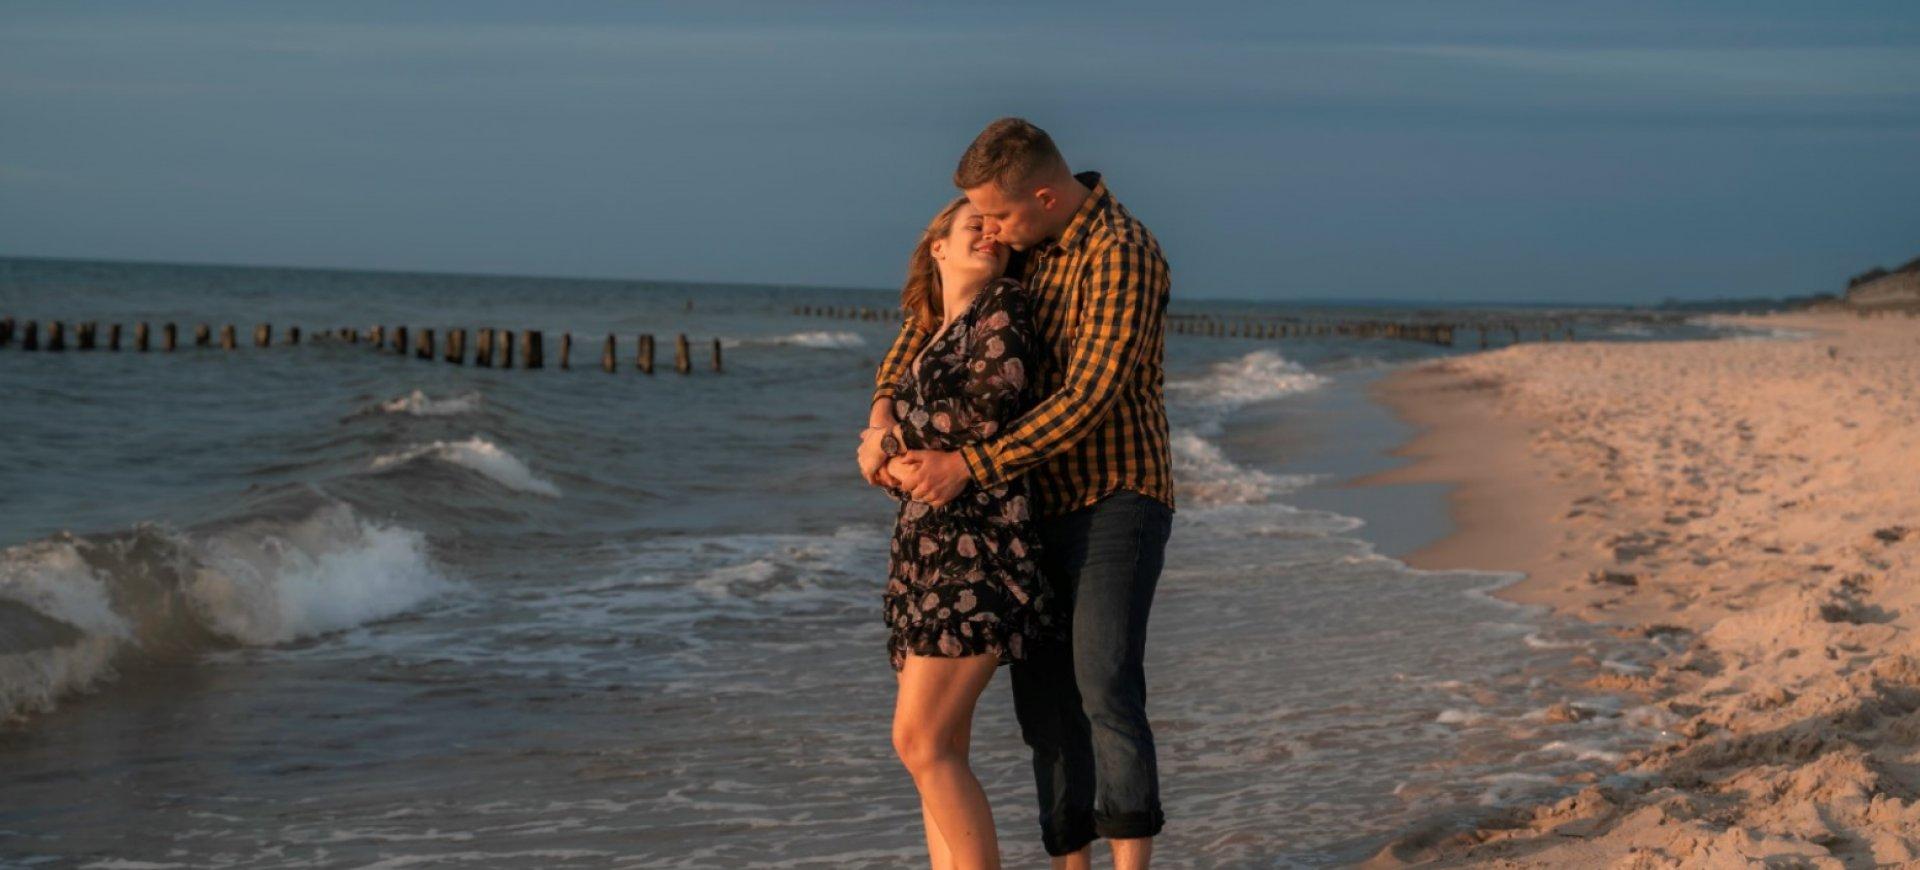 Wspomnienia znad morza... na dłużej! (Sesja zdjęciowa w cenie pakietu)